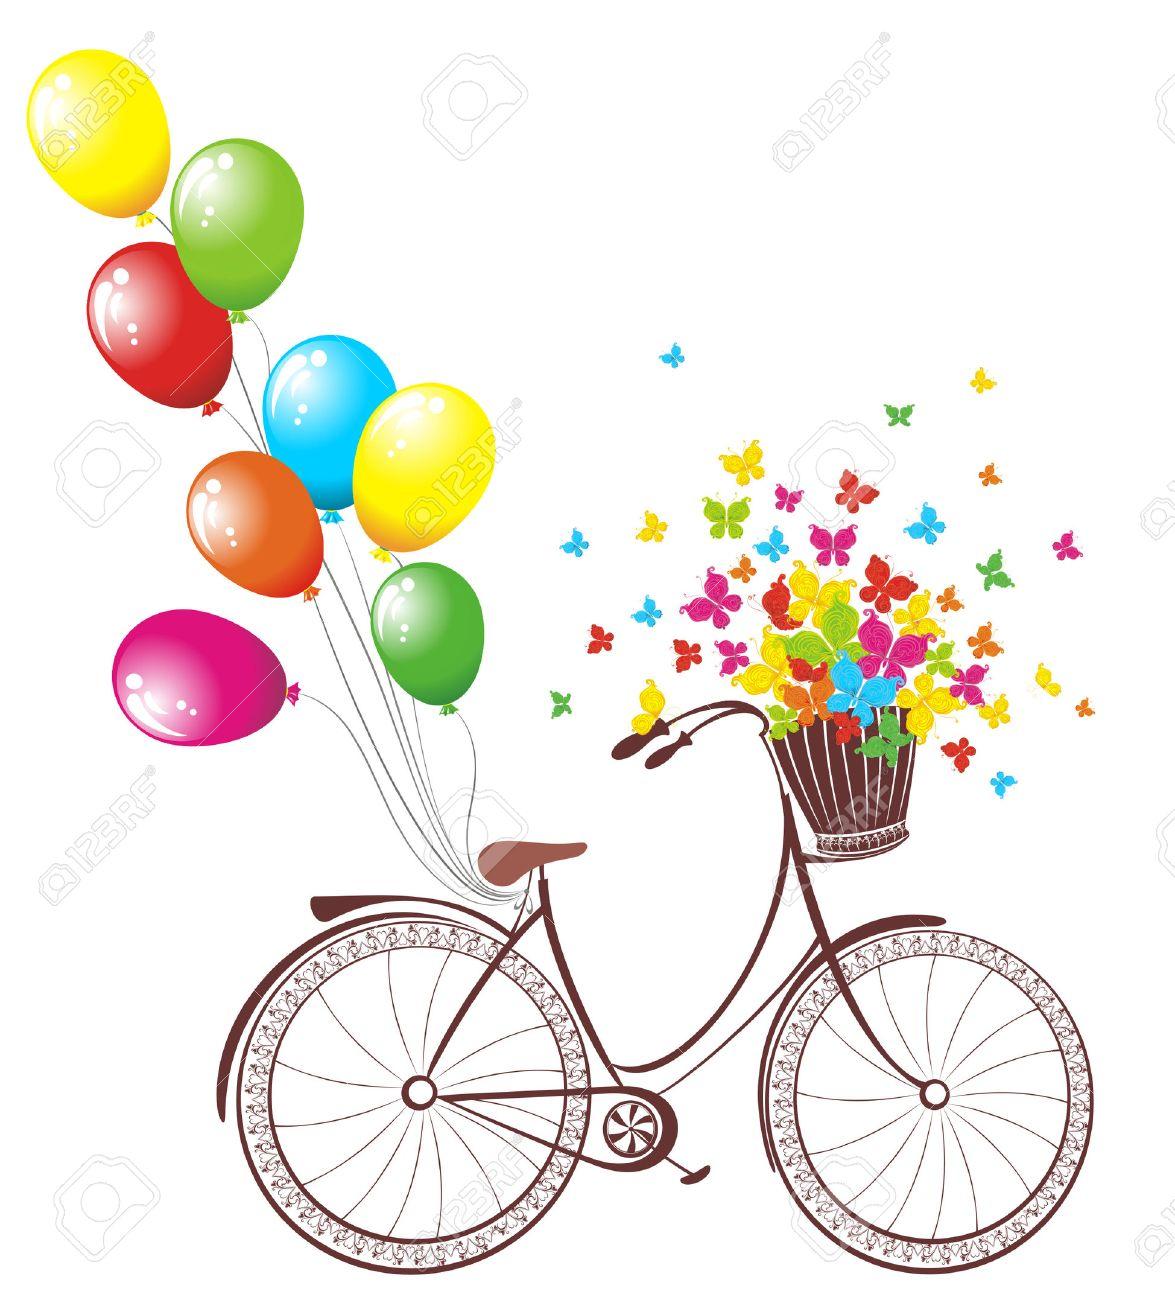 Carte Romantique D Anniversaire Velos Avec Des Ballons Et Panier Plein De Fleurs Et De Papillons Clip Art Libres De Droits Vecteurs Et Illustration Image 25407271